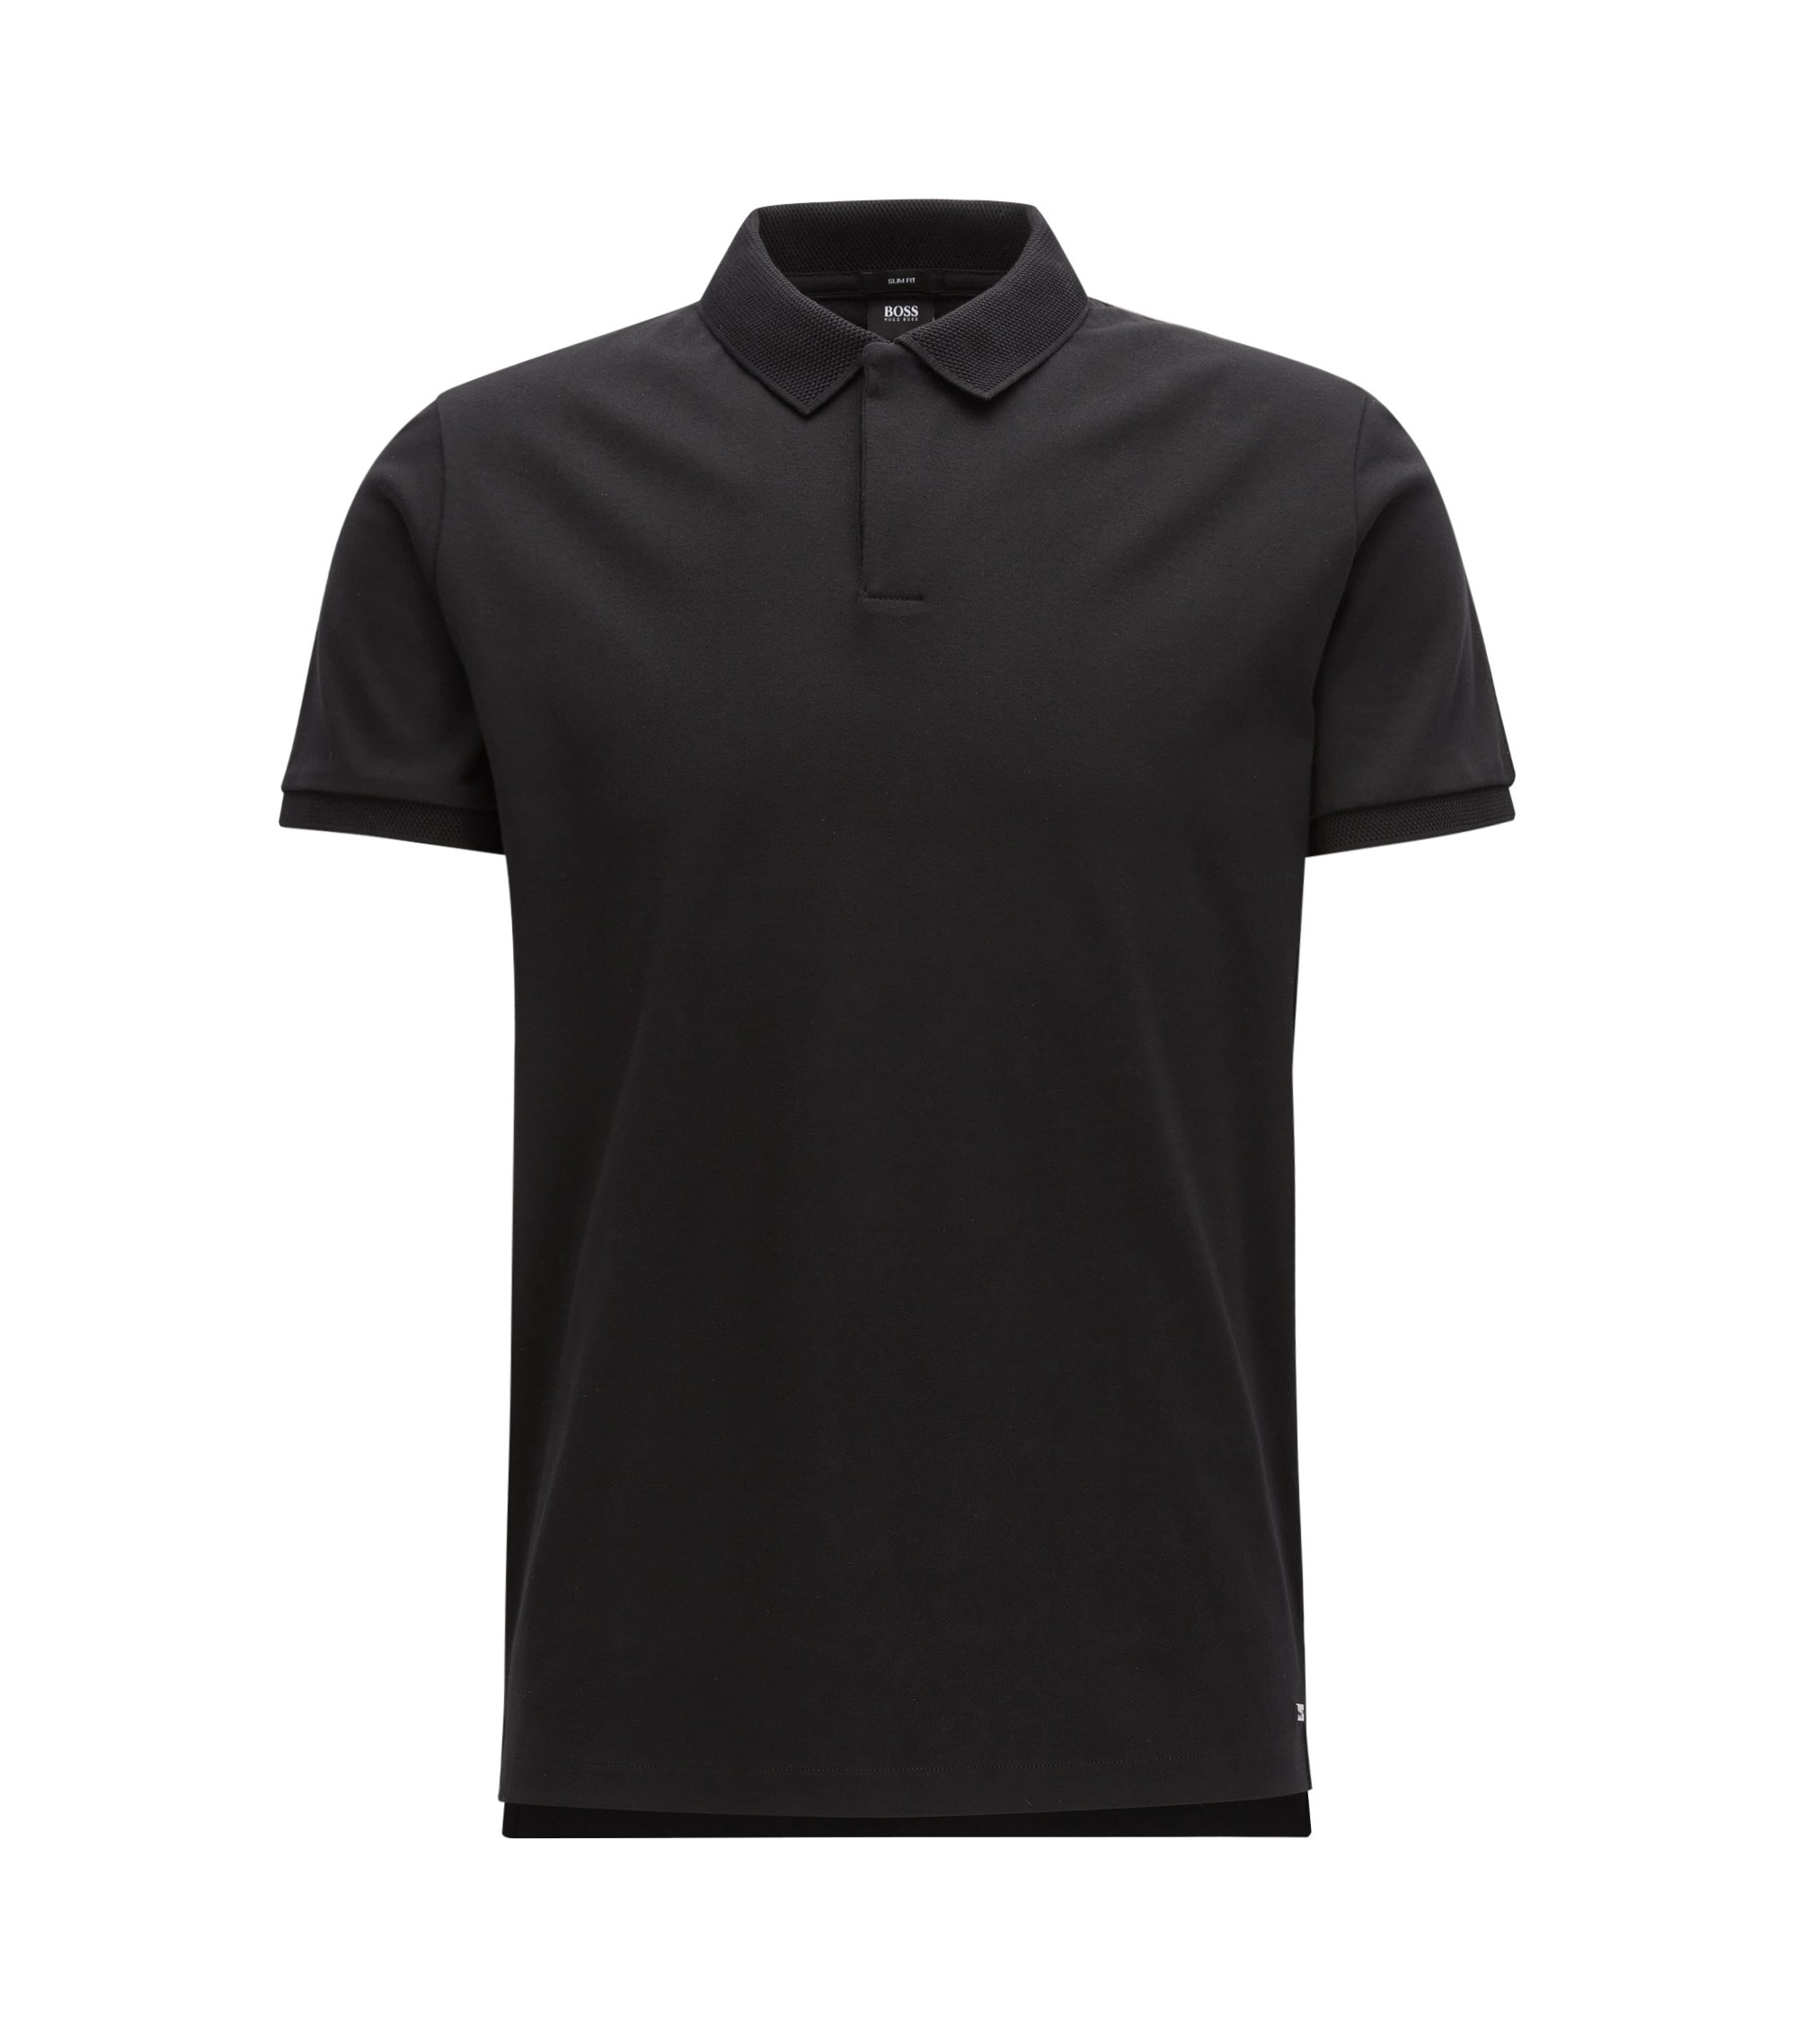 Slim-Fit Poloshirt aus Baumwolle aus der Mercedes-Benz Kollektion, Schwarz